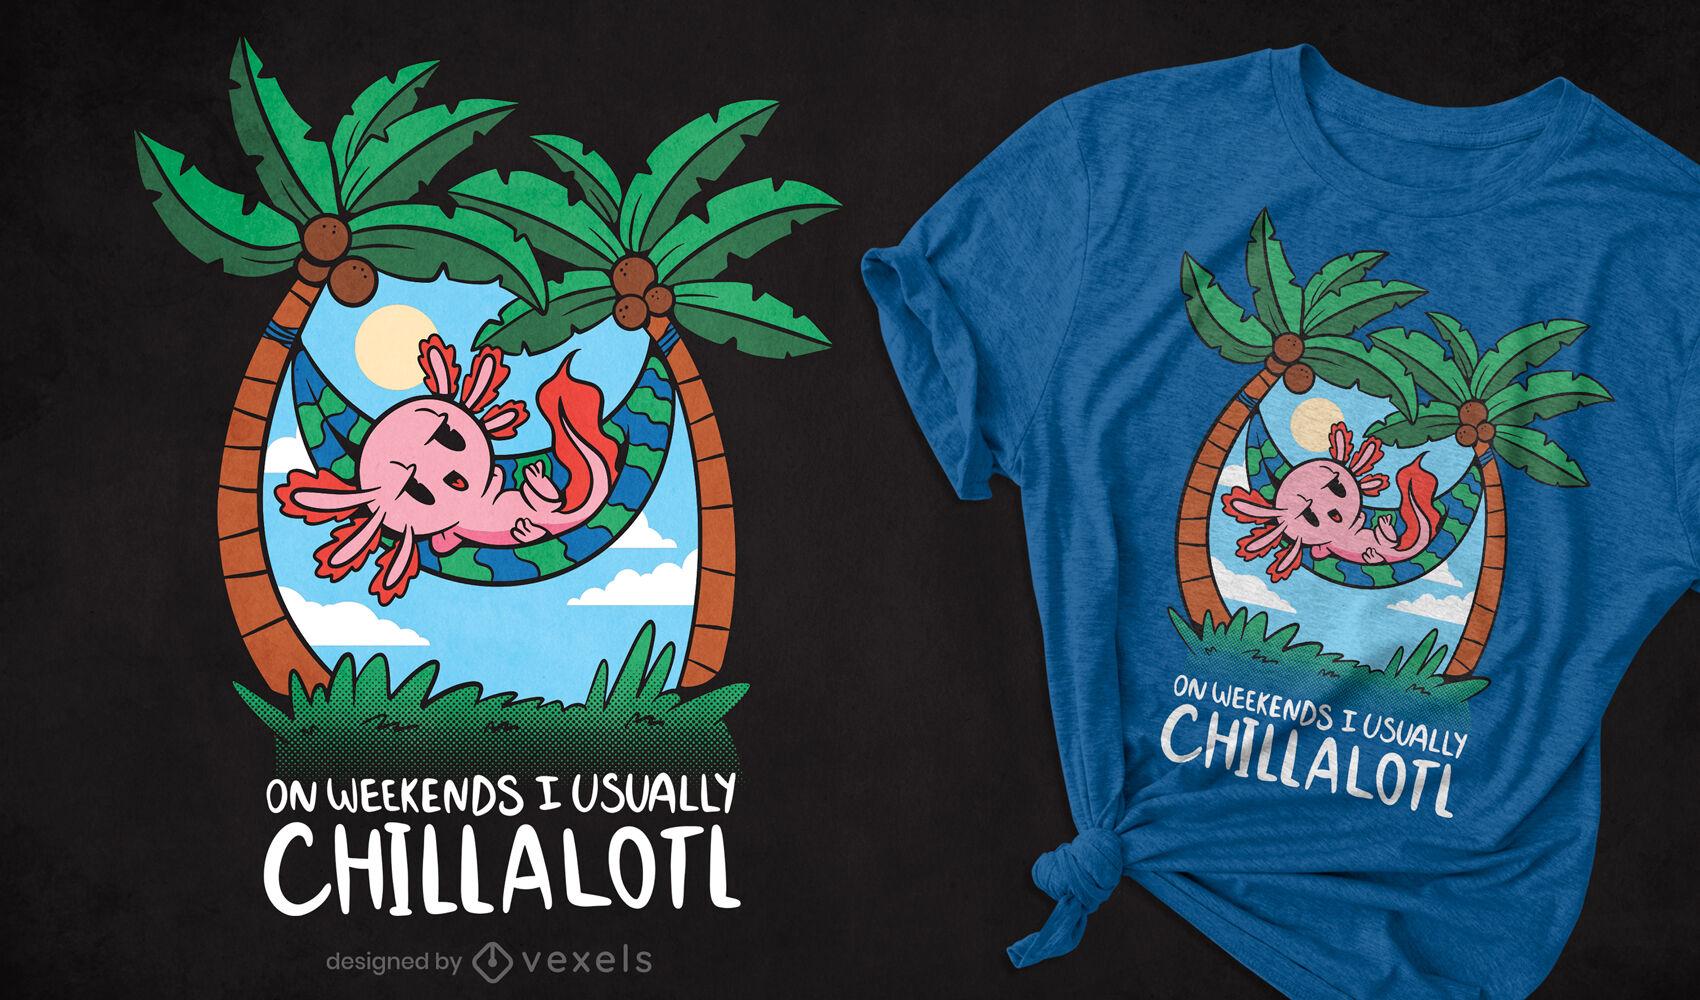 Chilling axolotl cartoon t-shirt design